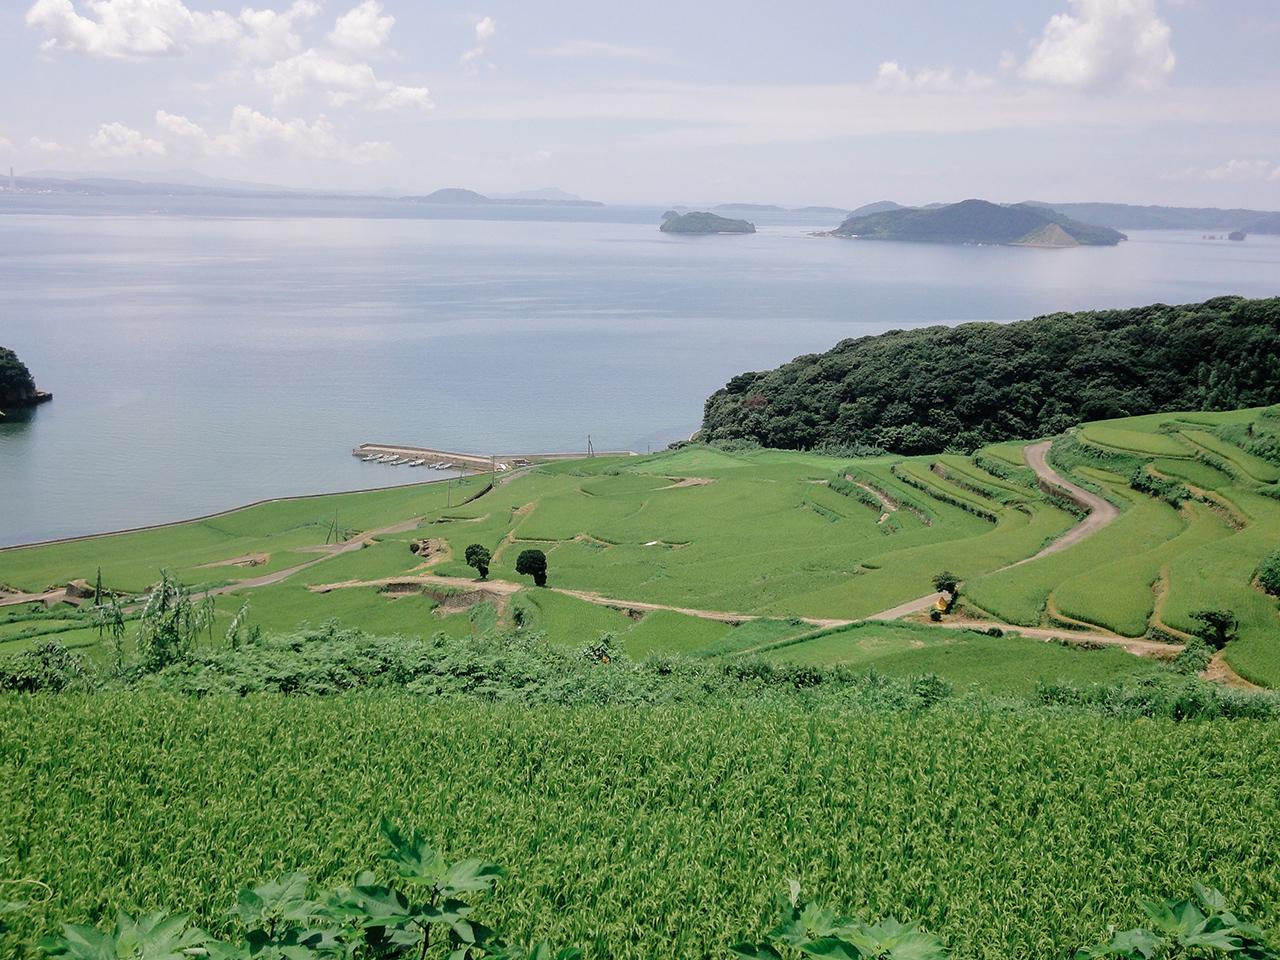 สถานที่เที่ยวในจ.นางาซากิ (Nagasaki) และ ซากะ (Saga) - Doya Tanada / Matsu-ura Town